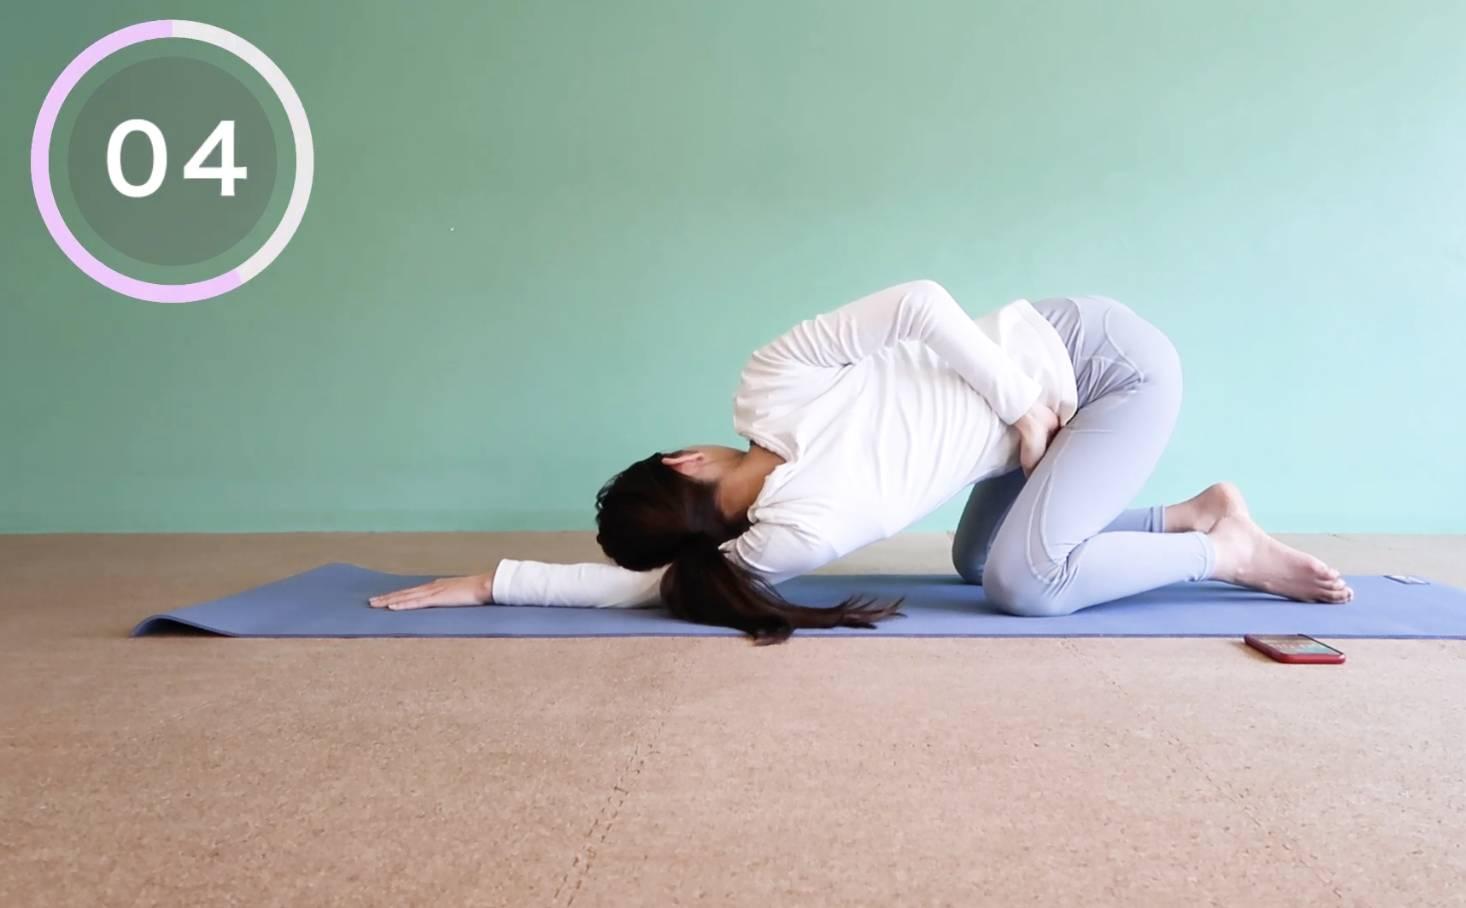 姿勢改善外觀大提升!8招x30秒糾正寒背、肩頸繃緊 YouTube頻道KASUMI healthy life影片截圖